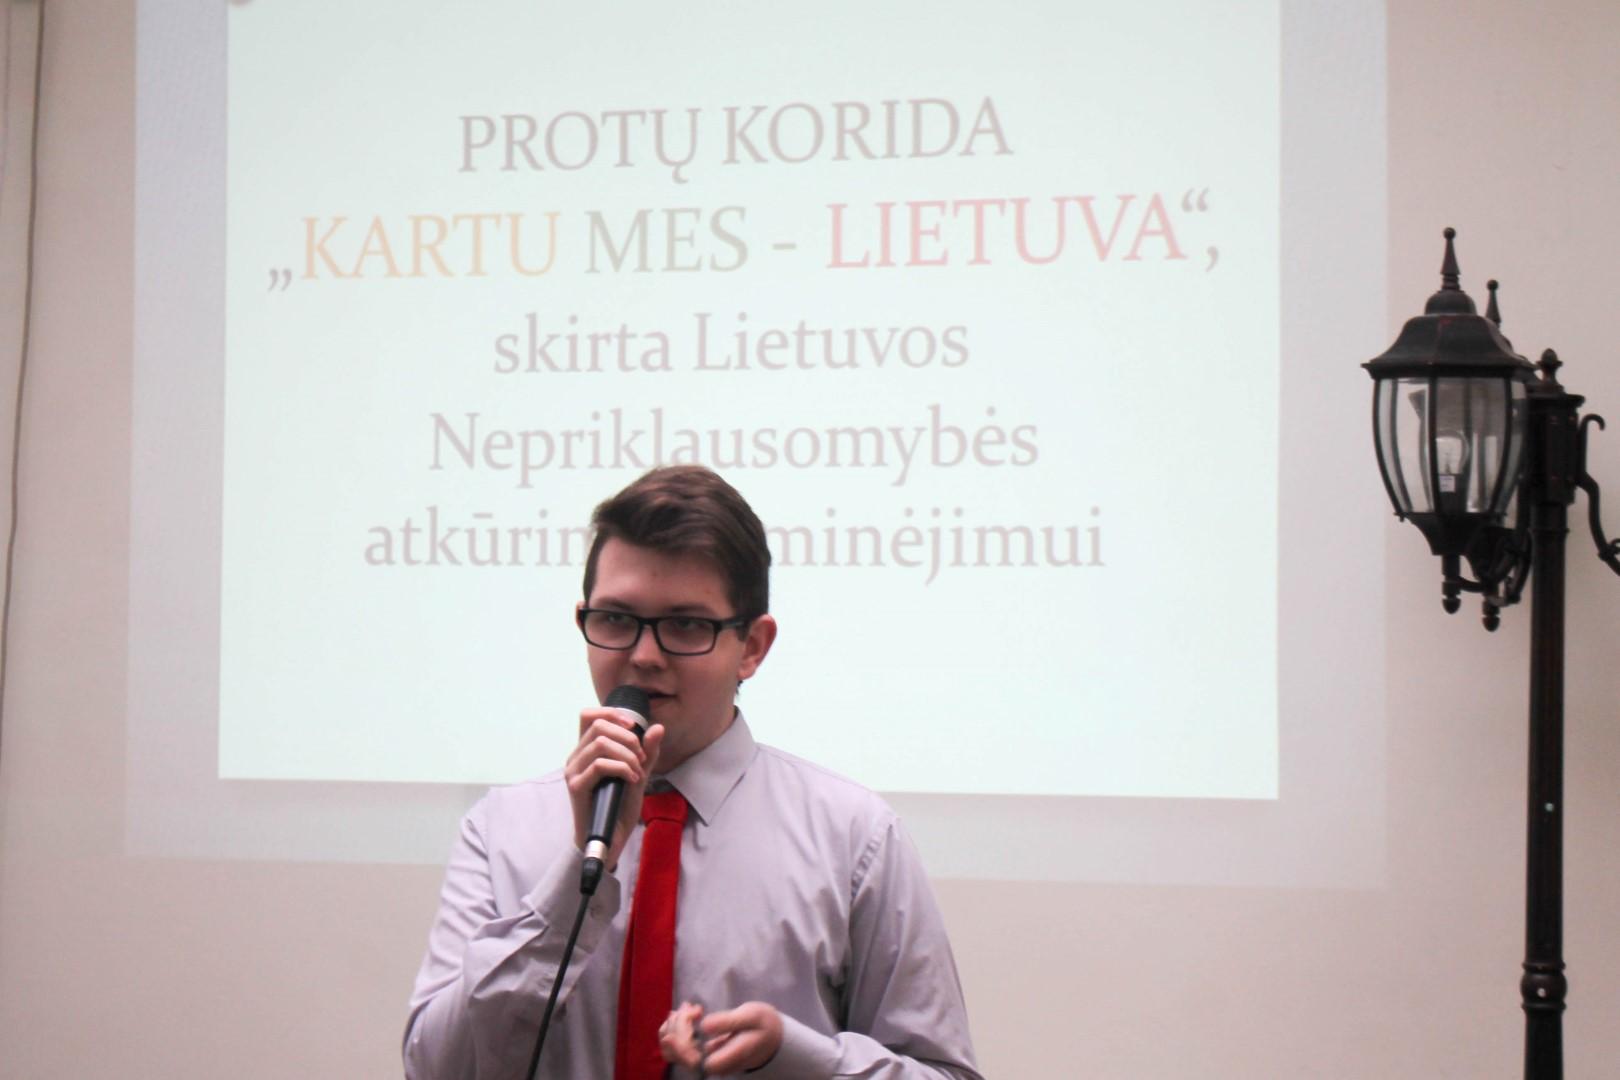 Kartu mes - Lietuva (2)